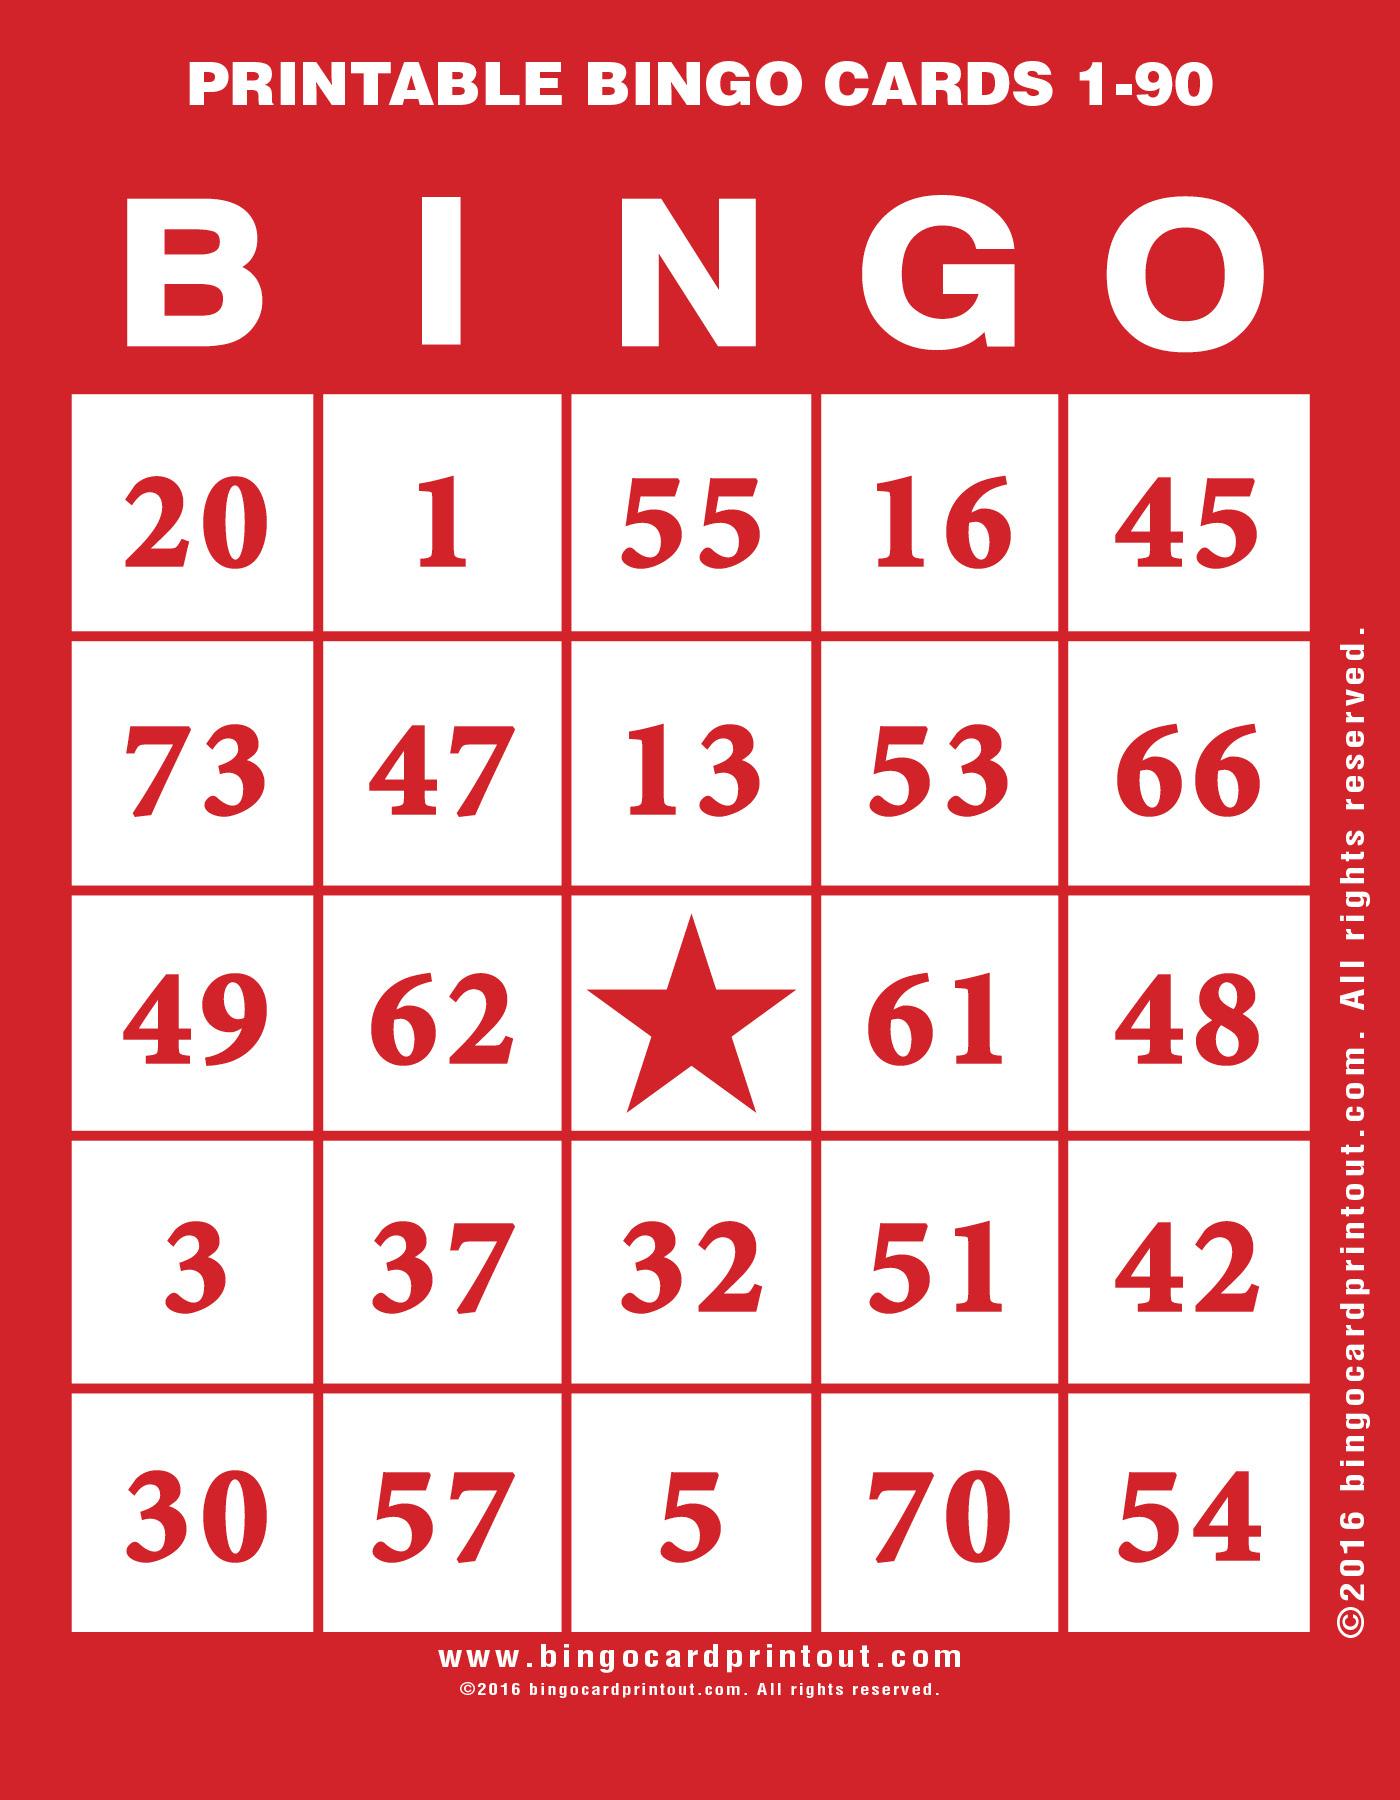 Printable Bingo Cards 1-90 - Bingocardprintout